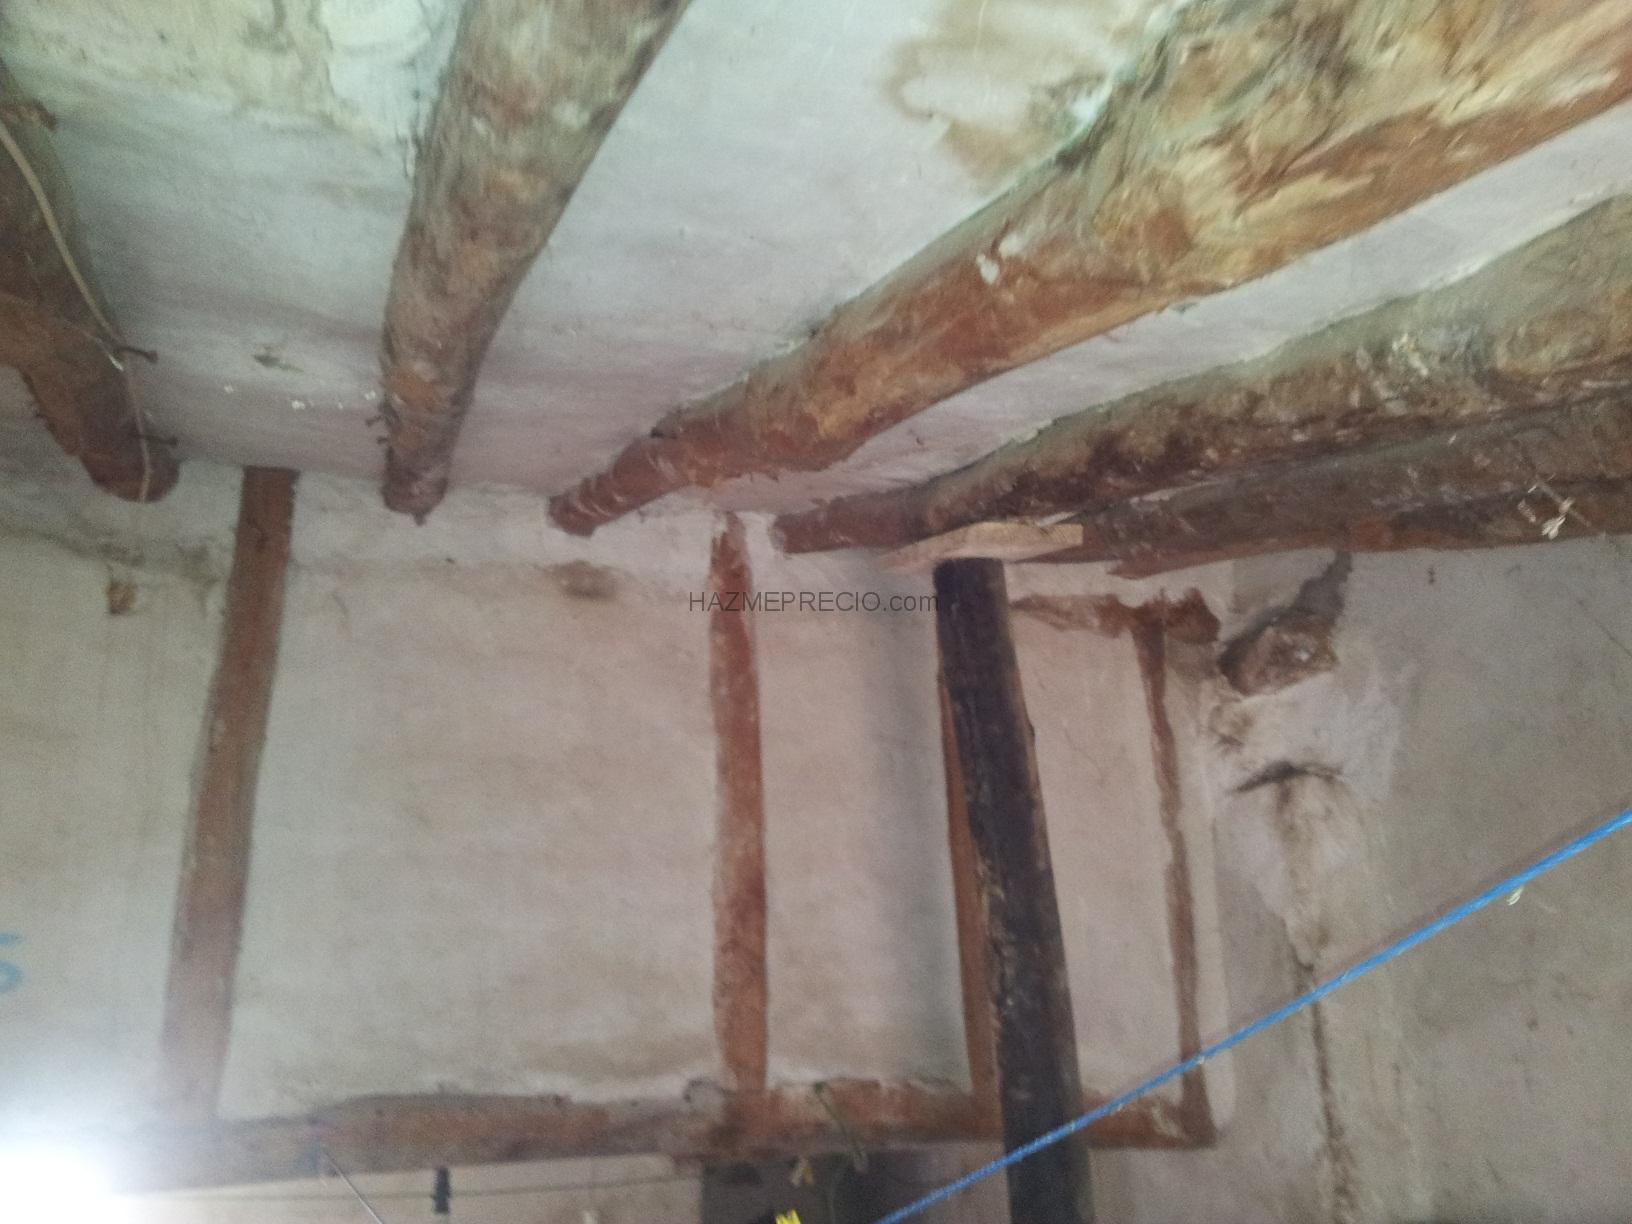 Retroreforma 50298 pinseque zaragoza - Construccion de tejados de madera ...